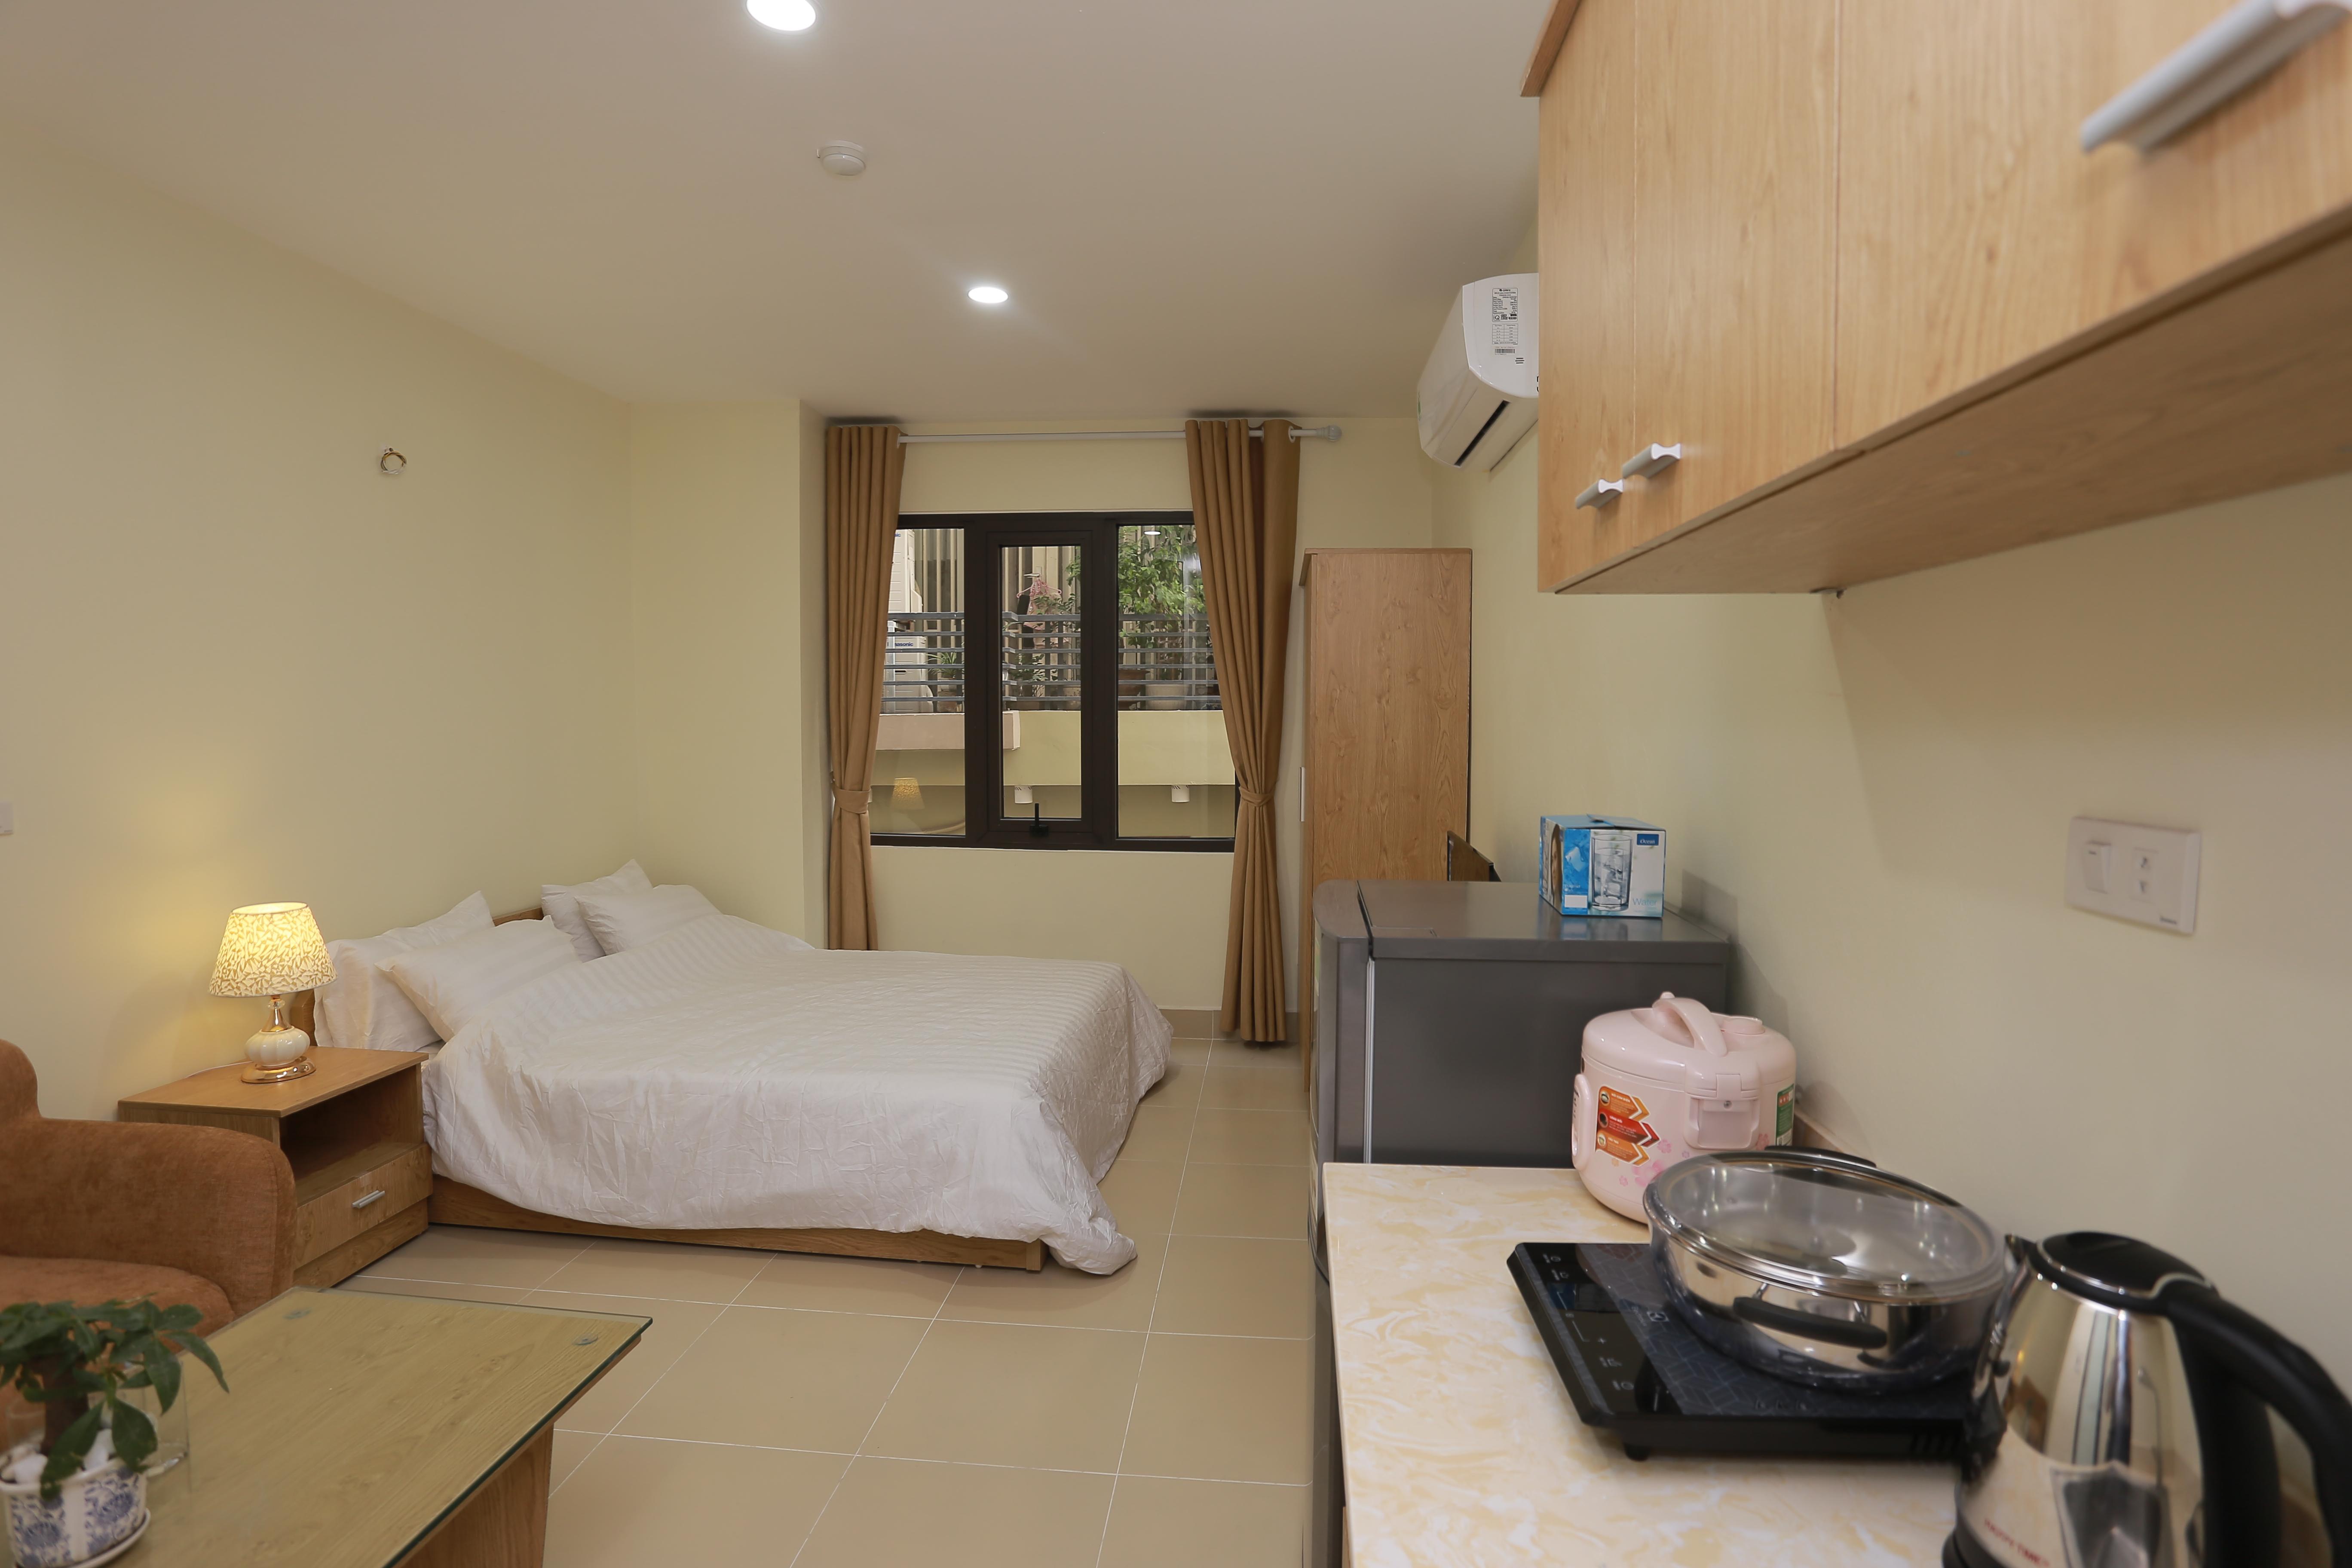 Cho thuê căn hộ Studio tại Trung Hòa, Cầu Giấy